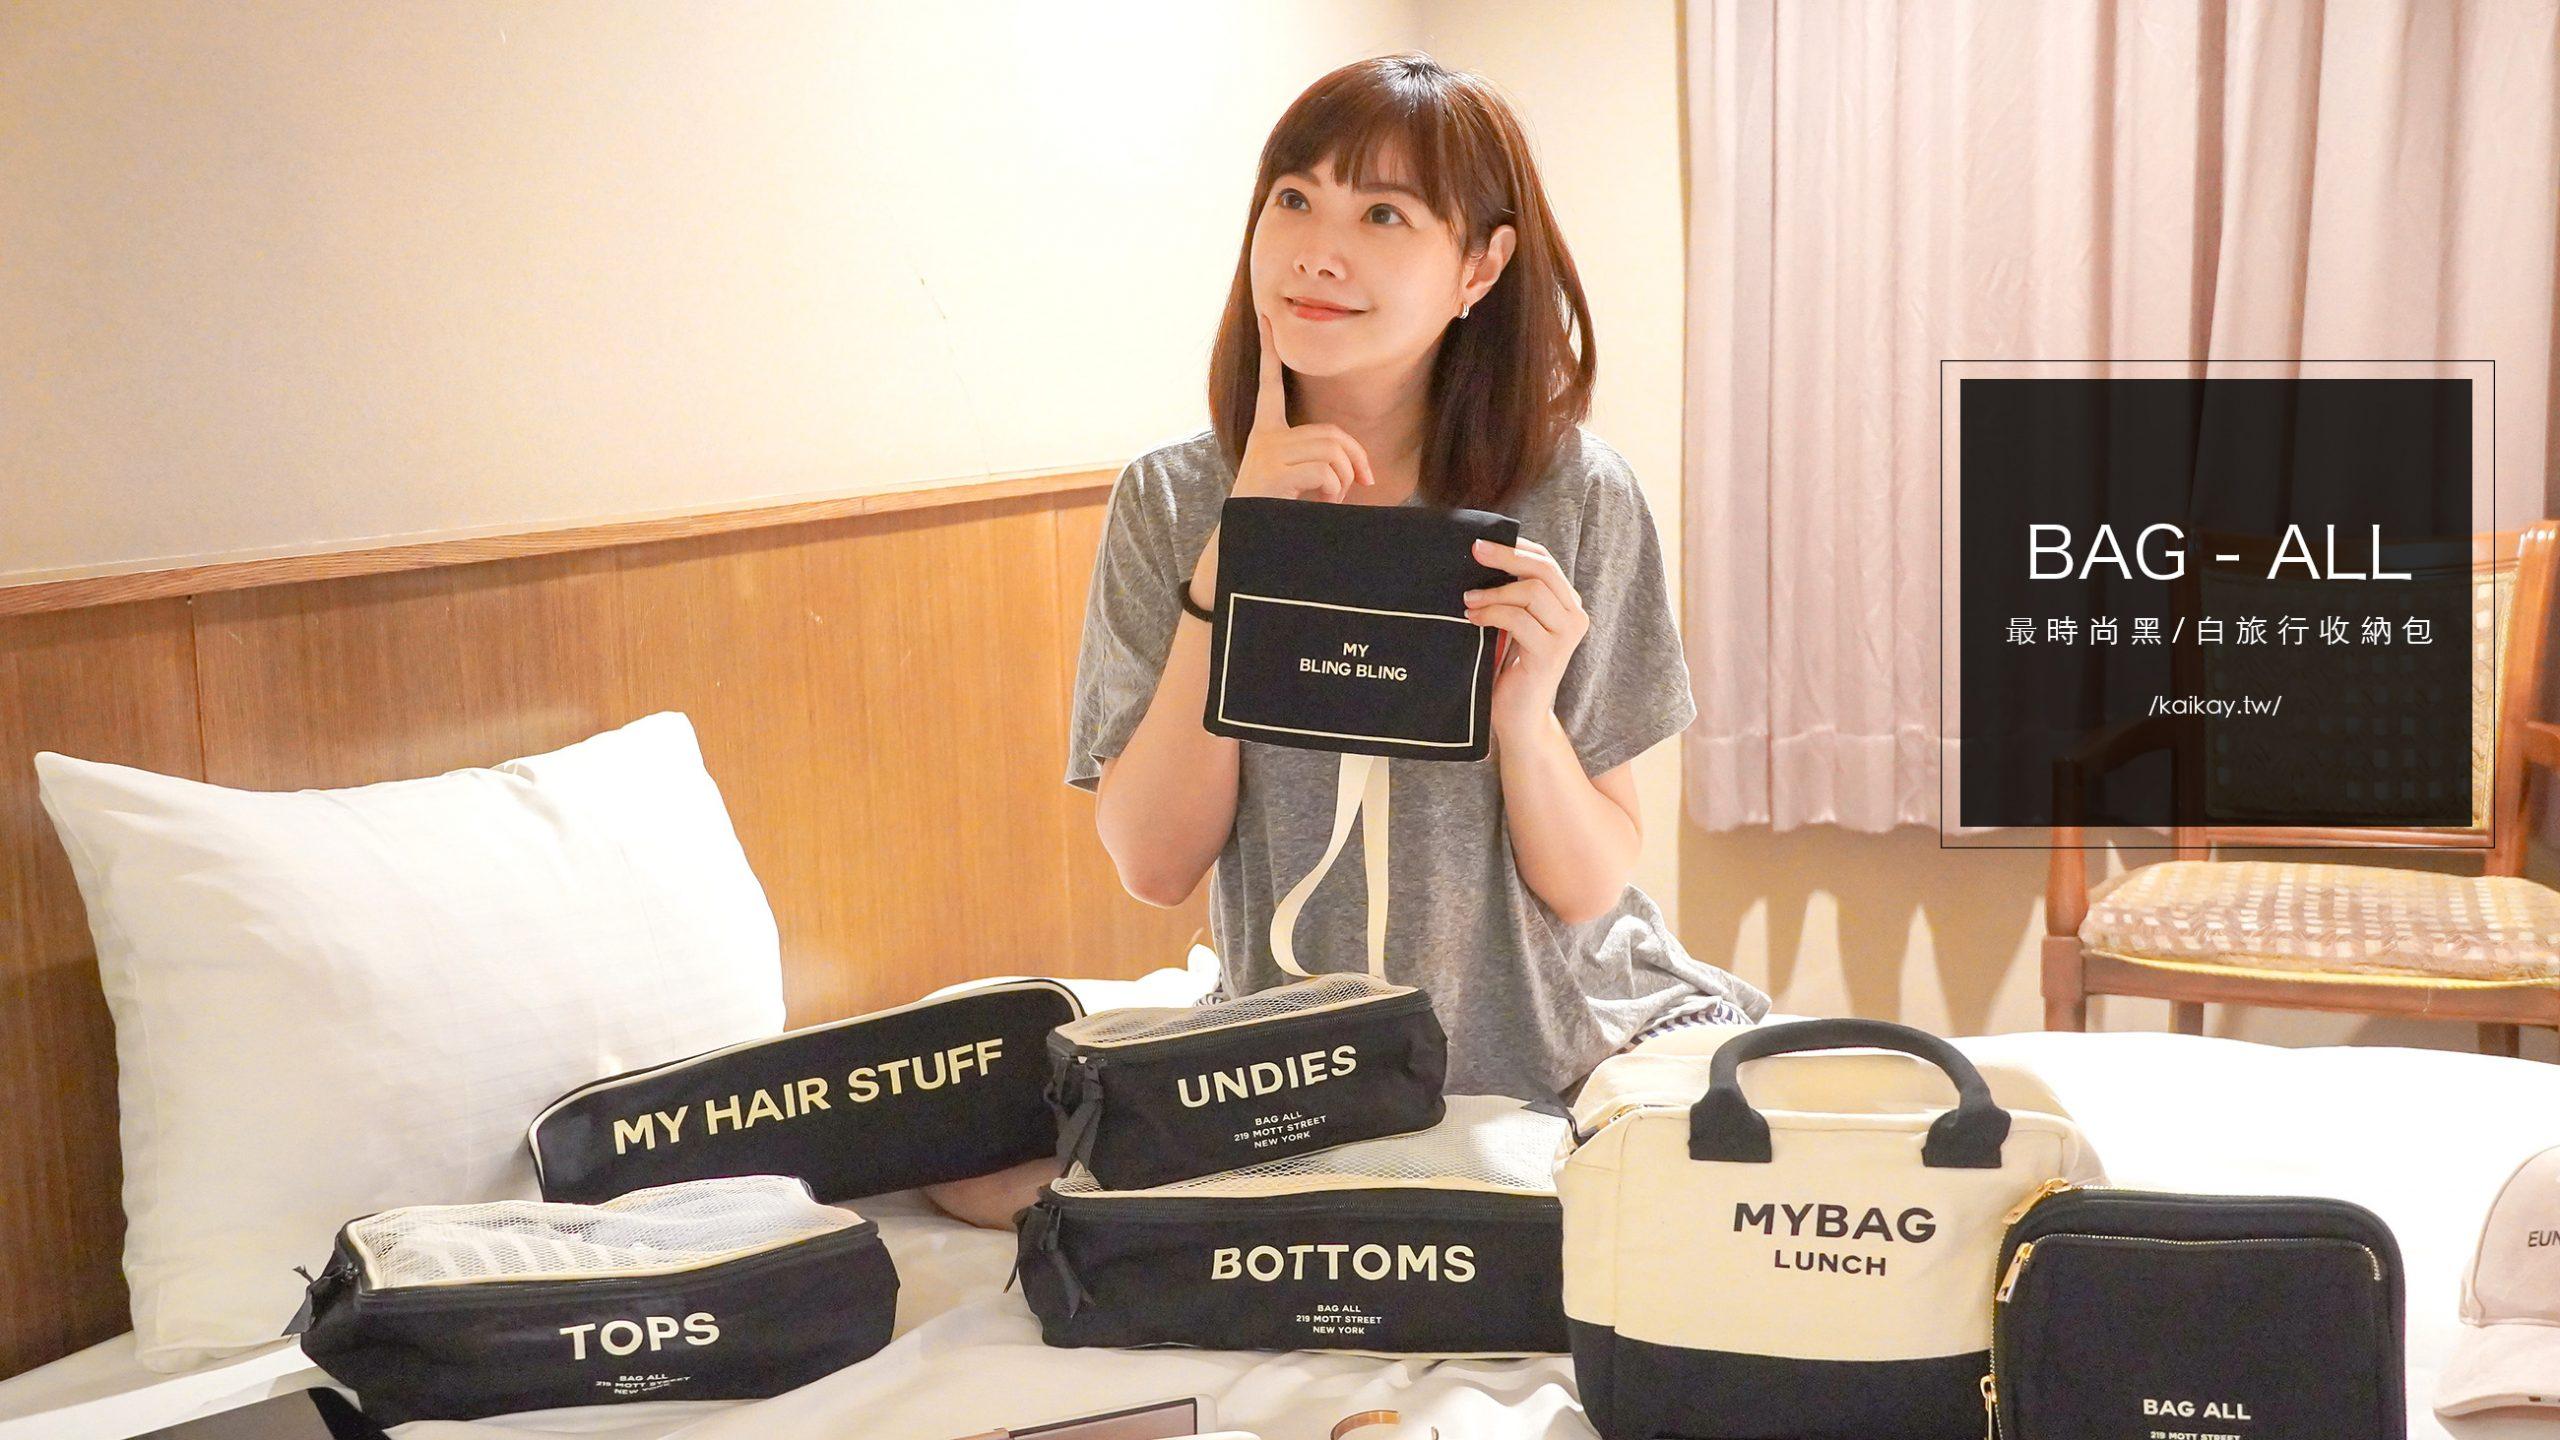 網站近期文章:☆【旅行小物】把收納變得浪漫又簡單!最時尚黑白旅行收納包 Bag-all